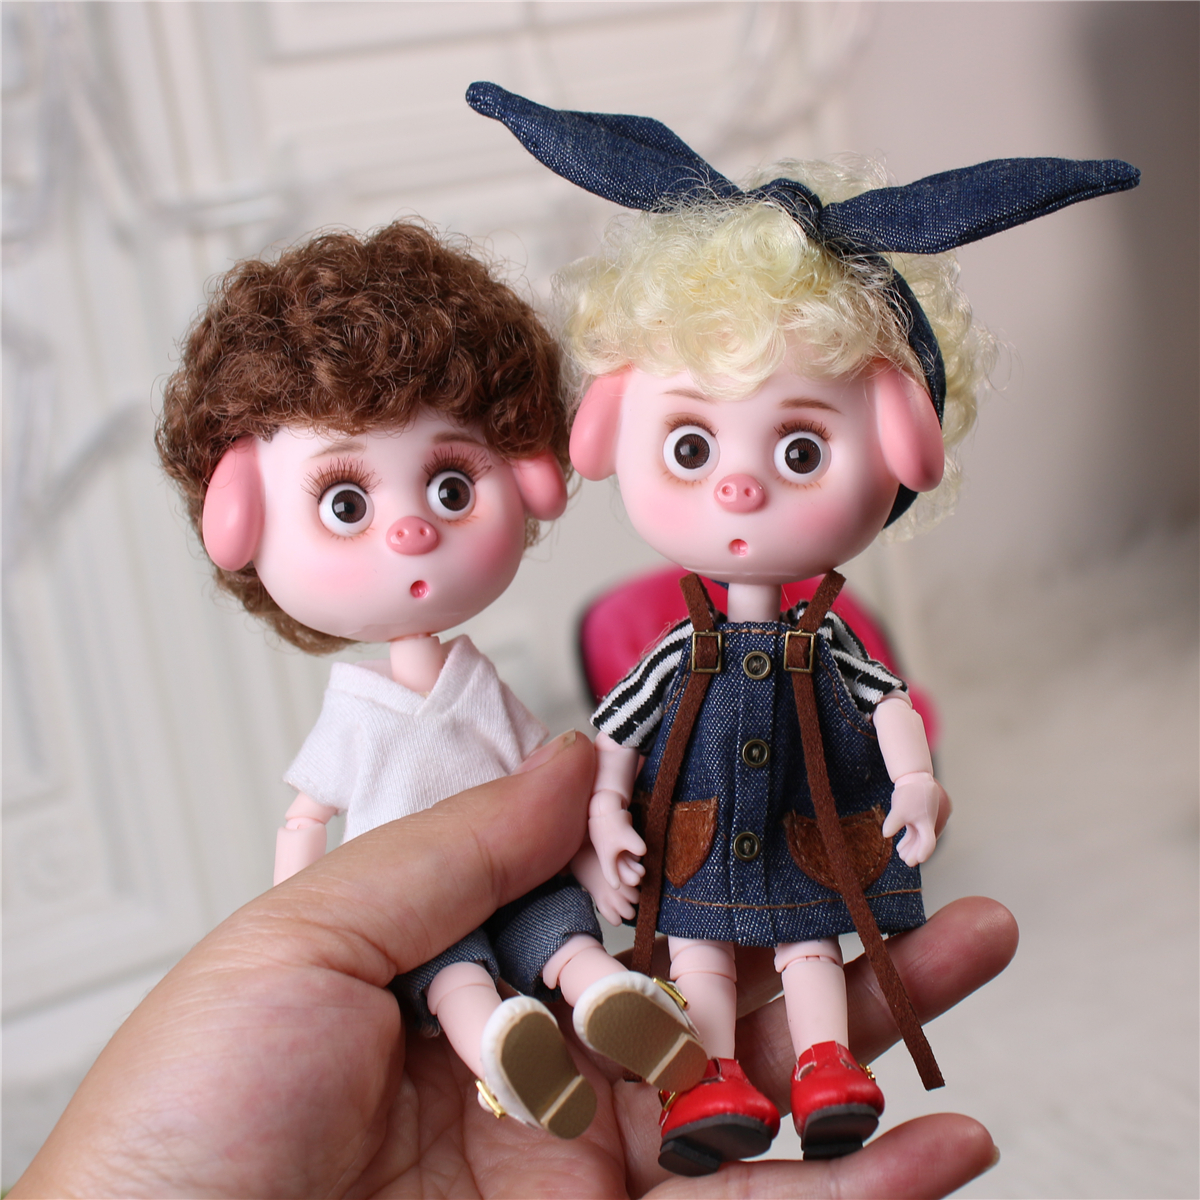 Sonho de fadas 1/12 bjd dodo boneca pigies brinquedo roupas sapatos 14cm mini boneca comum corpo ob11 bonito das crianças presente